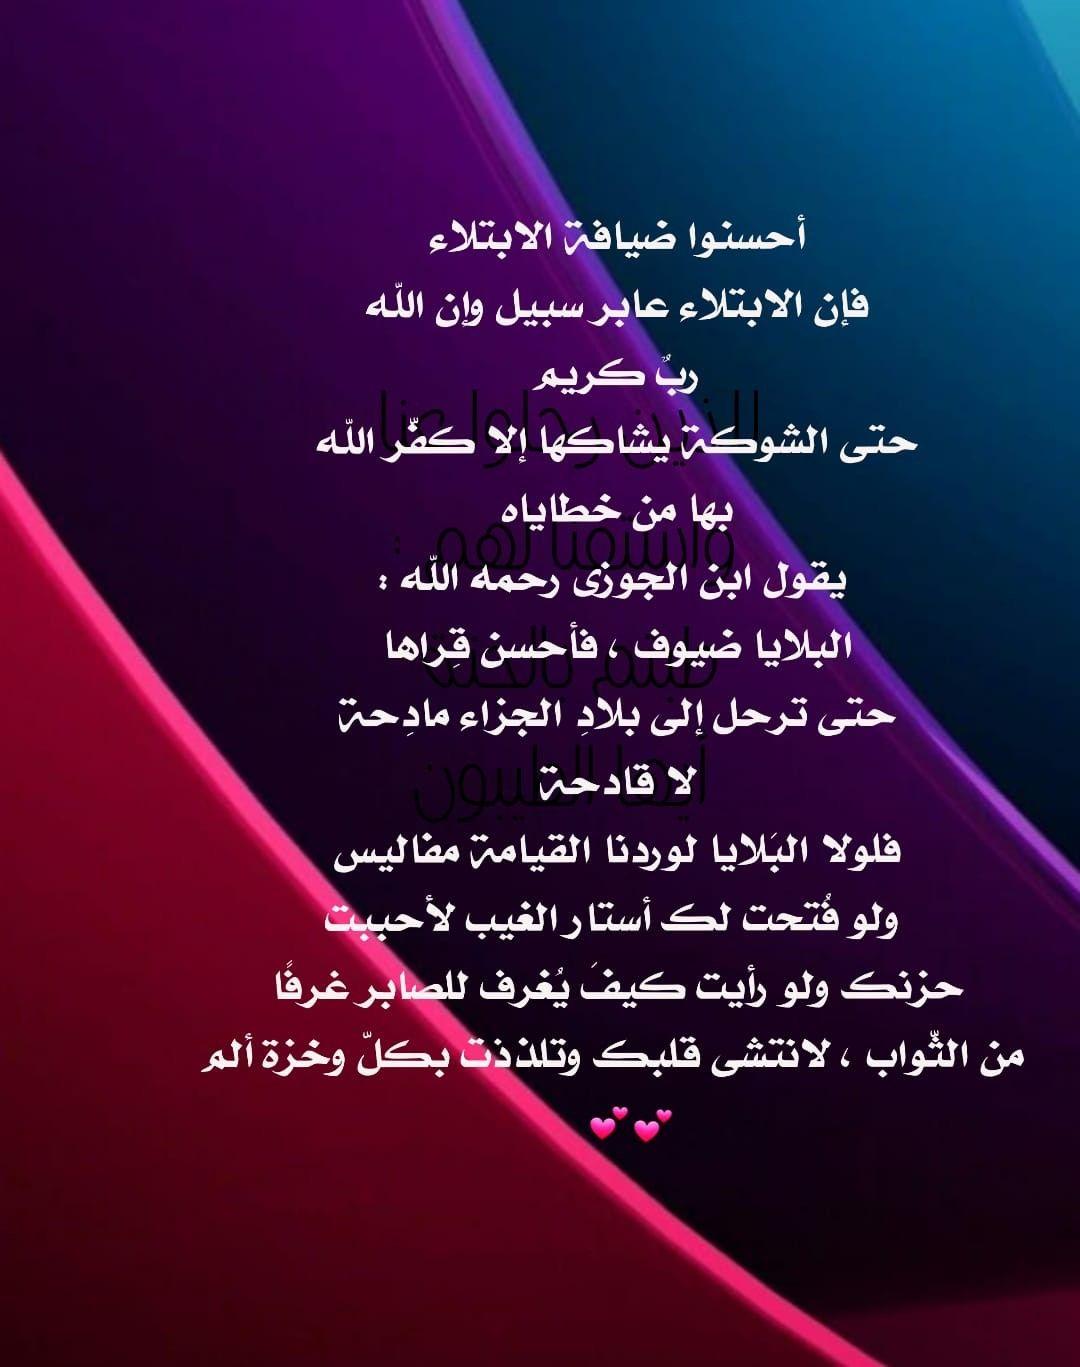 Pin By Vicky Brown On عربي رسائل من تصميمي Samsung Galaxy Phone Galaxy Phone Ramadan